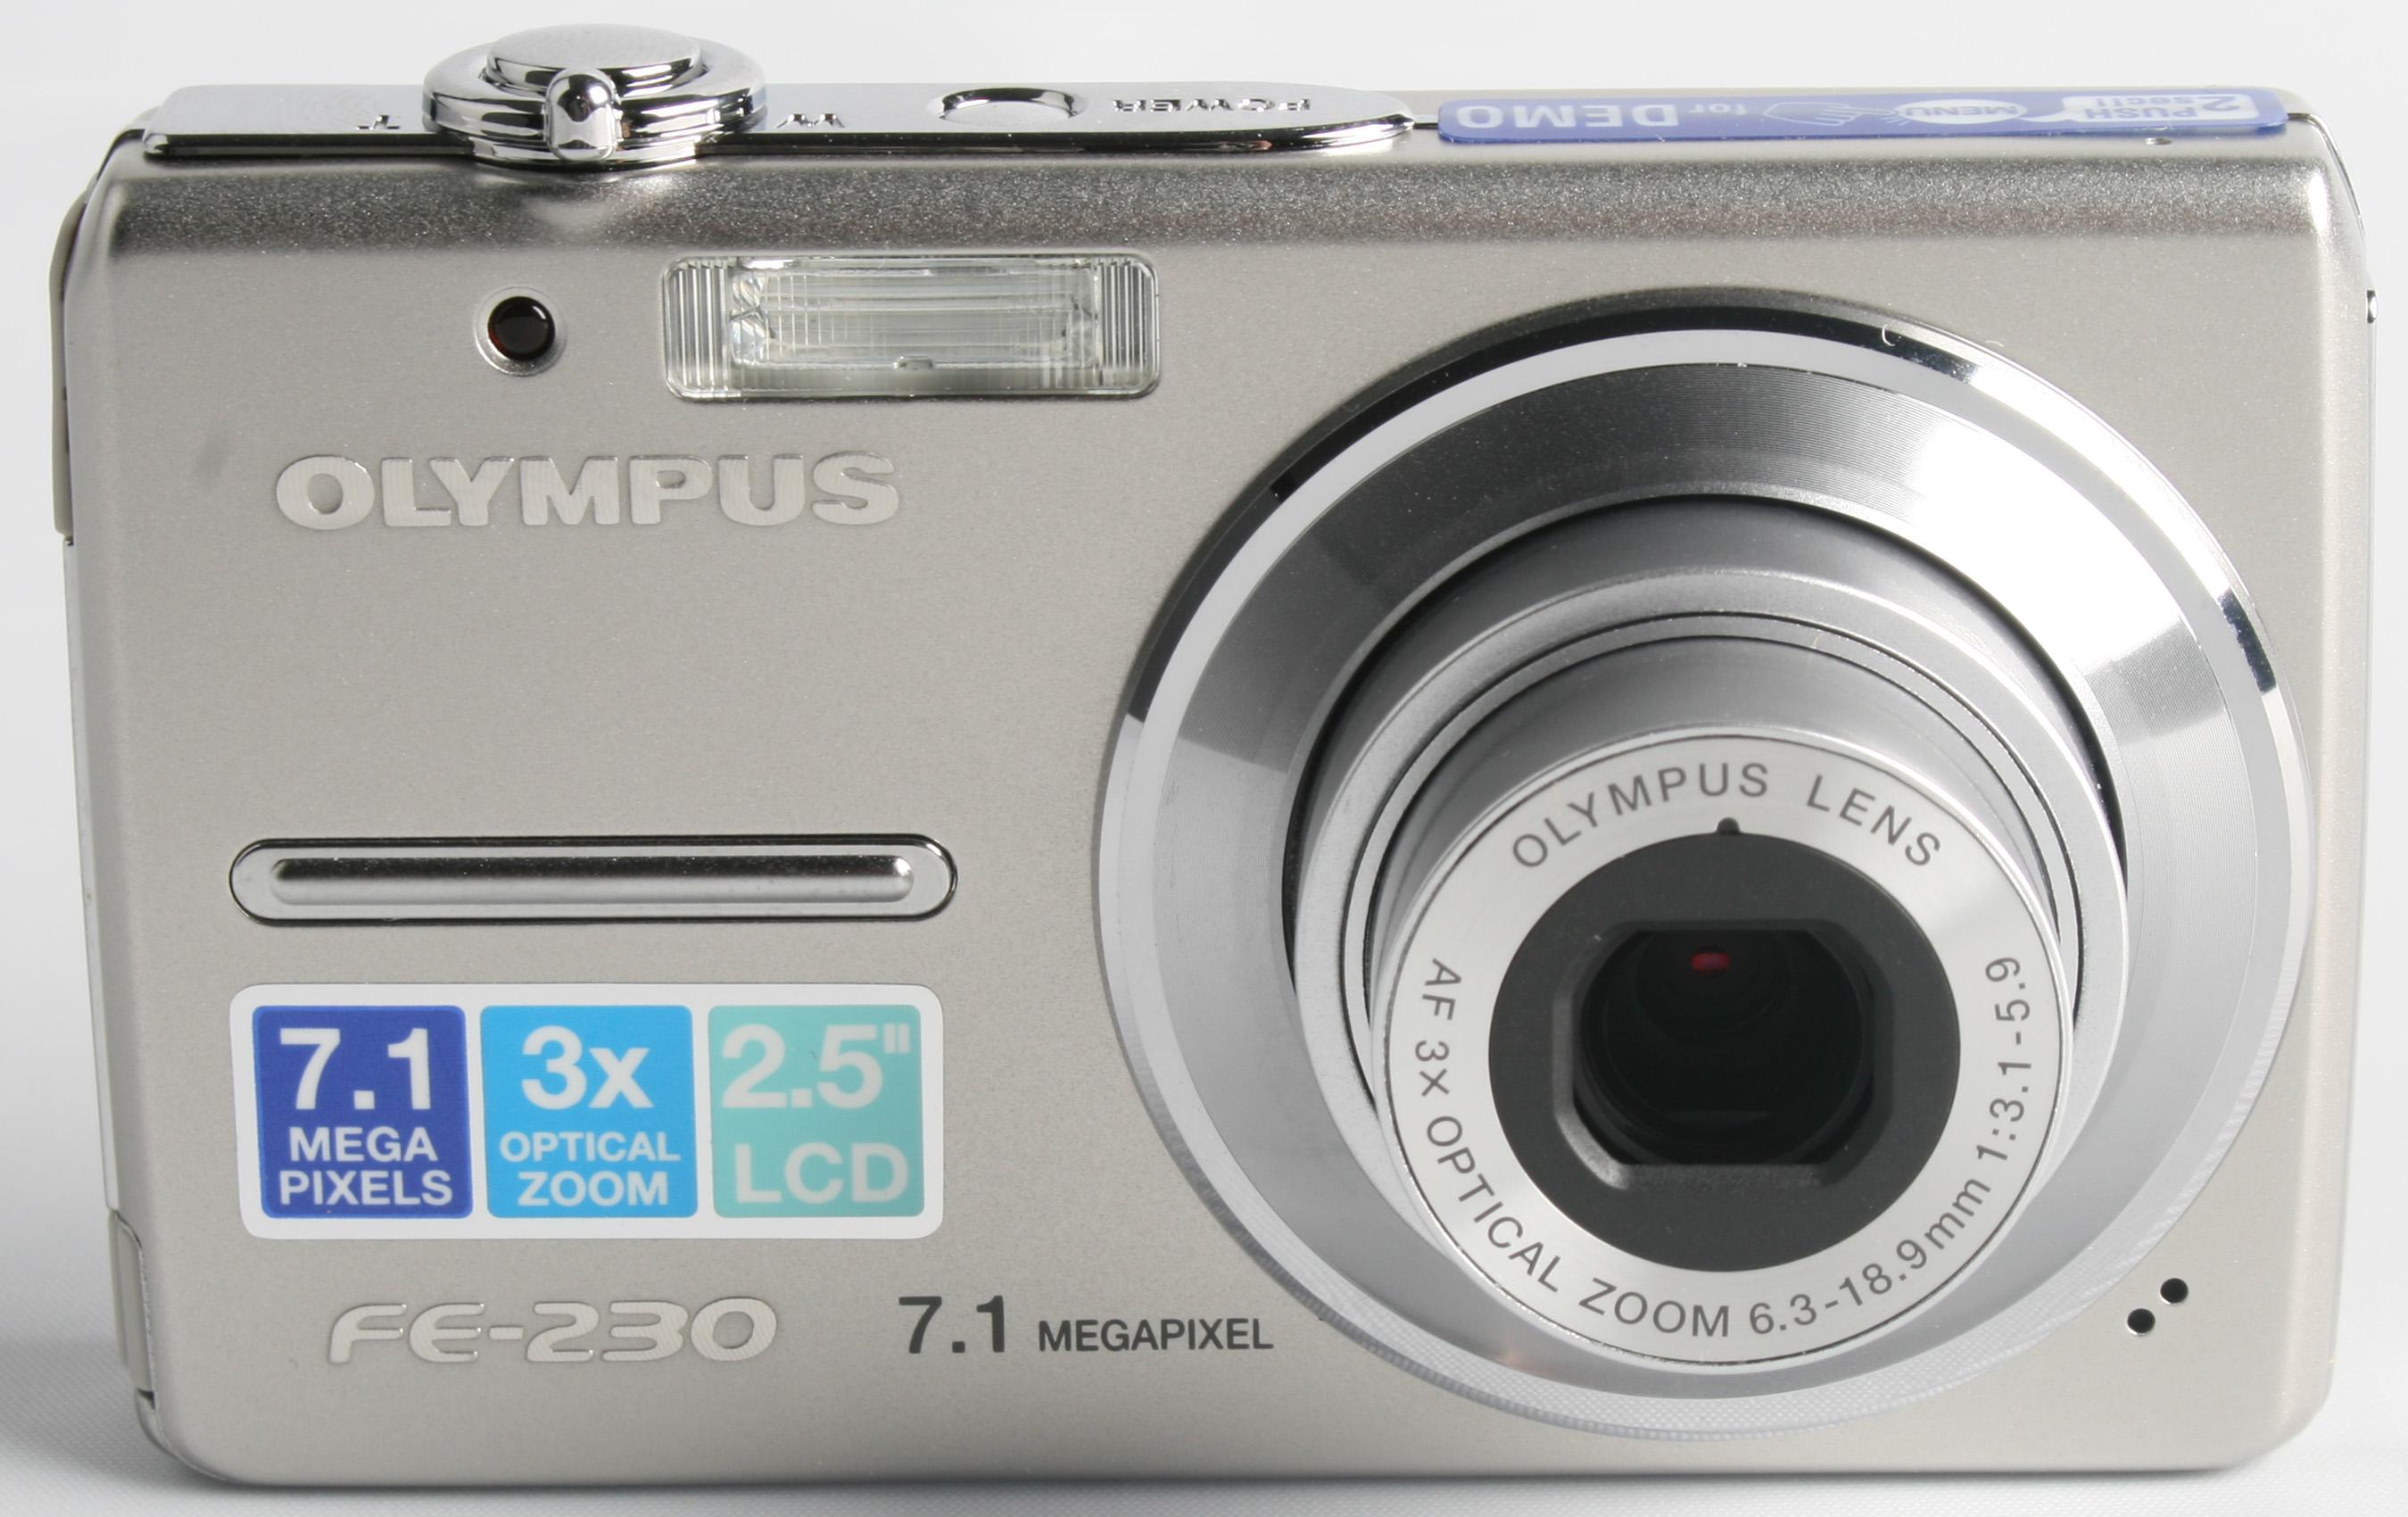 2e5409293 Olympus FE-230 Digital Camera Review